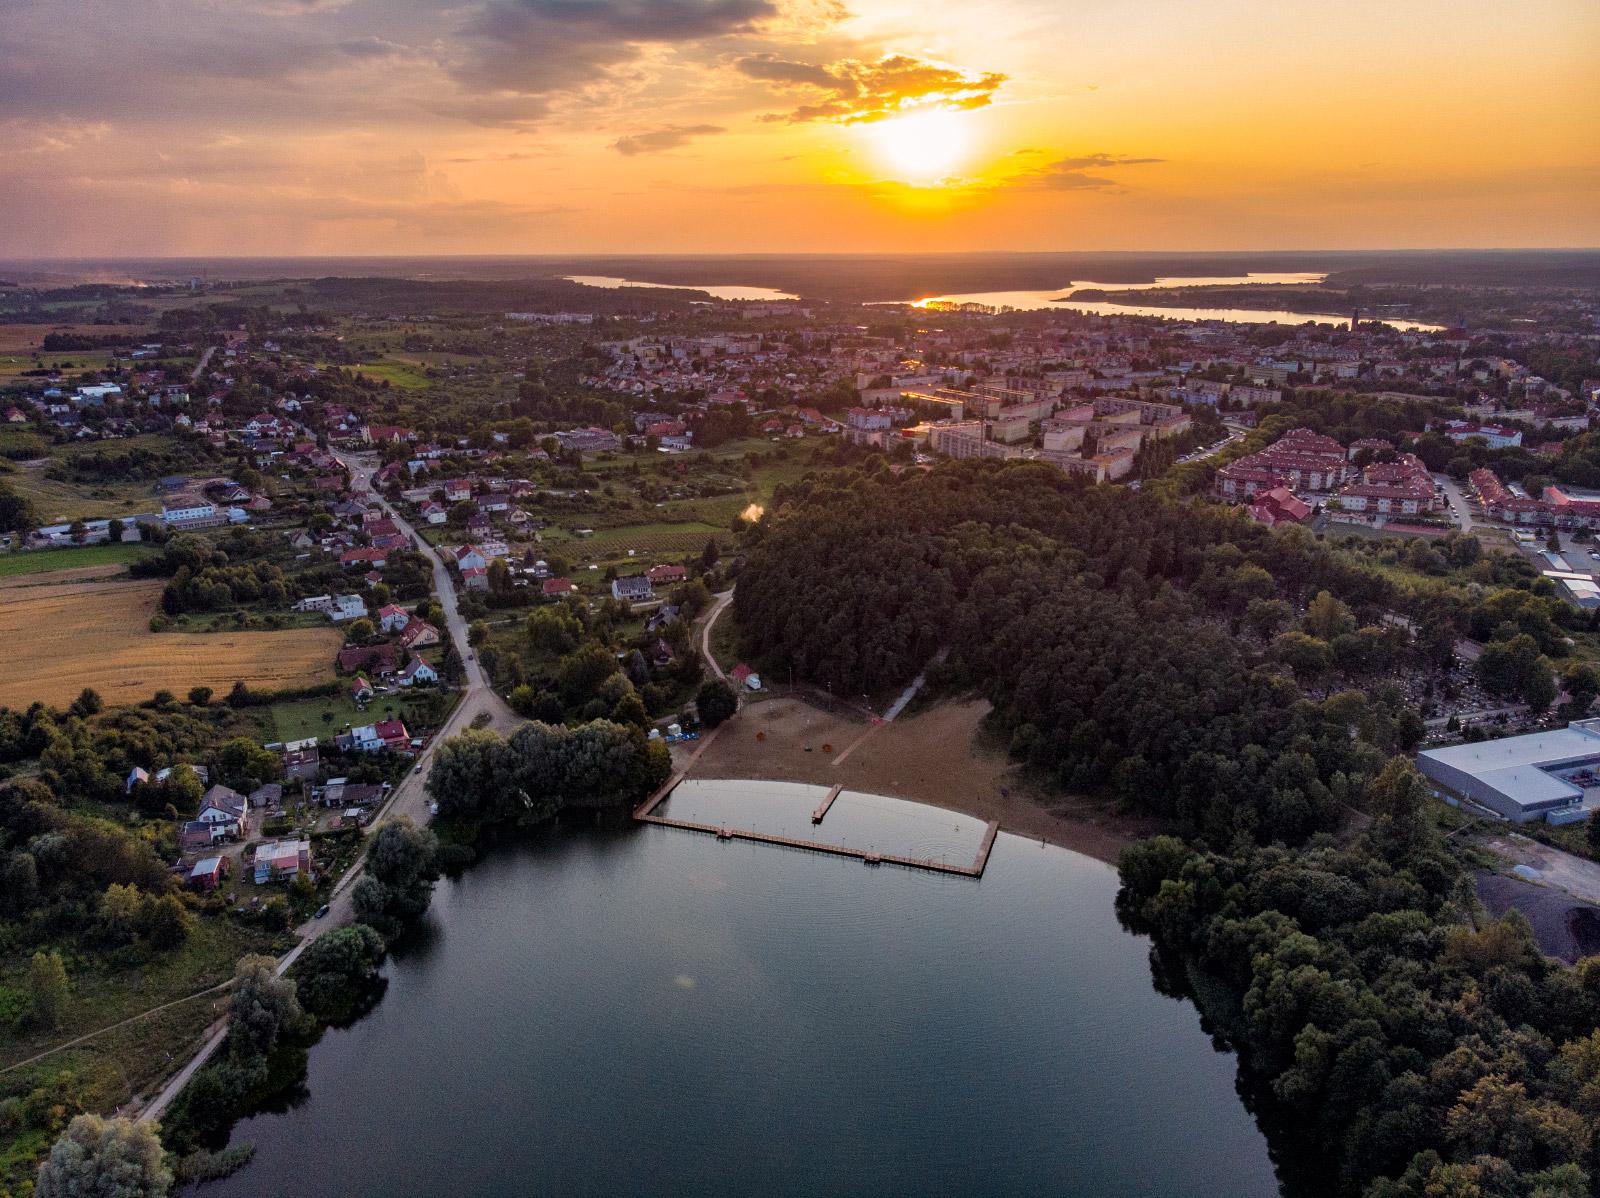 Ostróda - panorama of the city